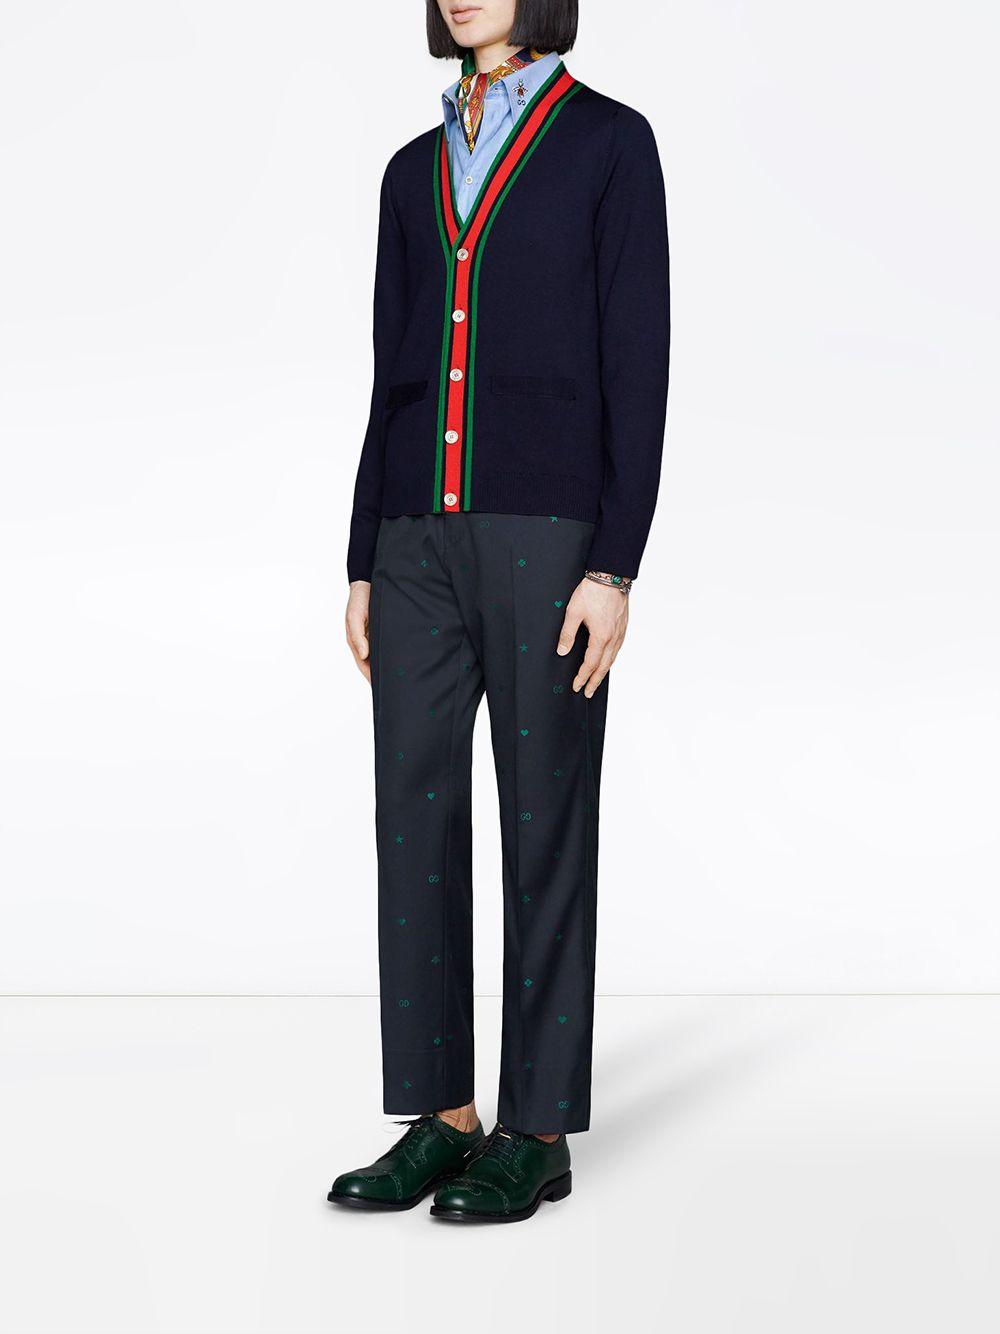 cardigan in lana lavorata a maglia blu scuro con bordino Gucci Web centrale GUCCI | Cardigan | 576806-XKAUL4548